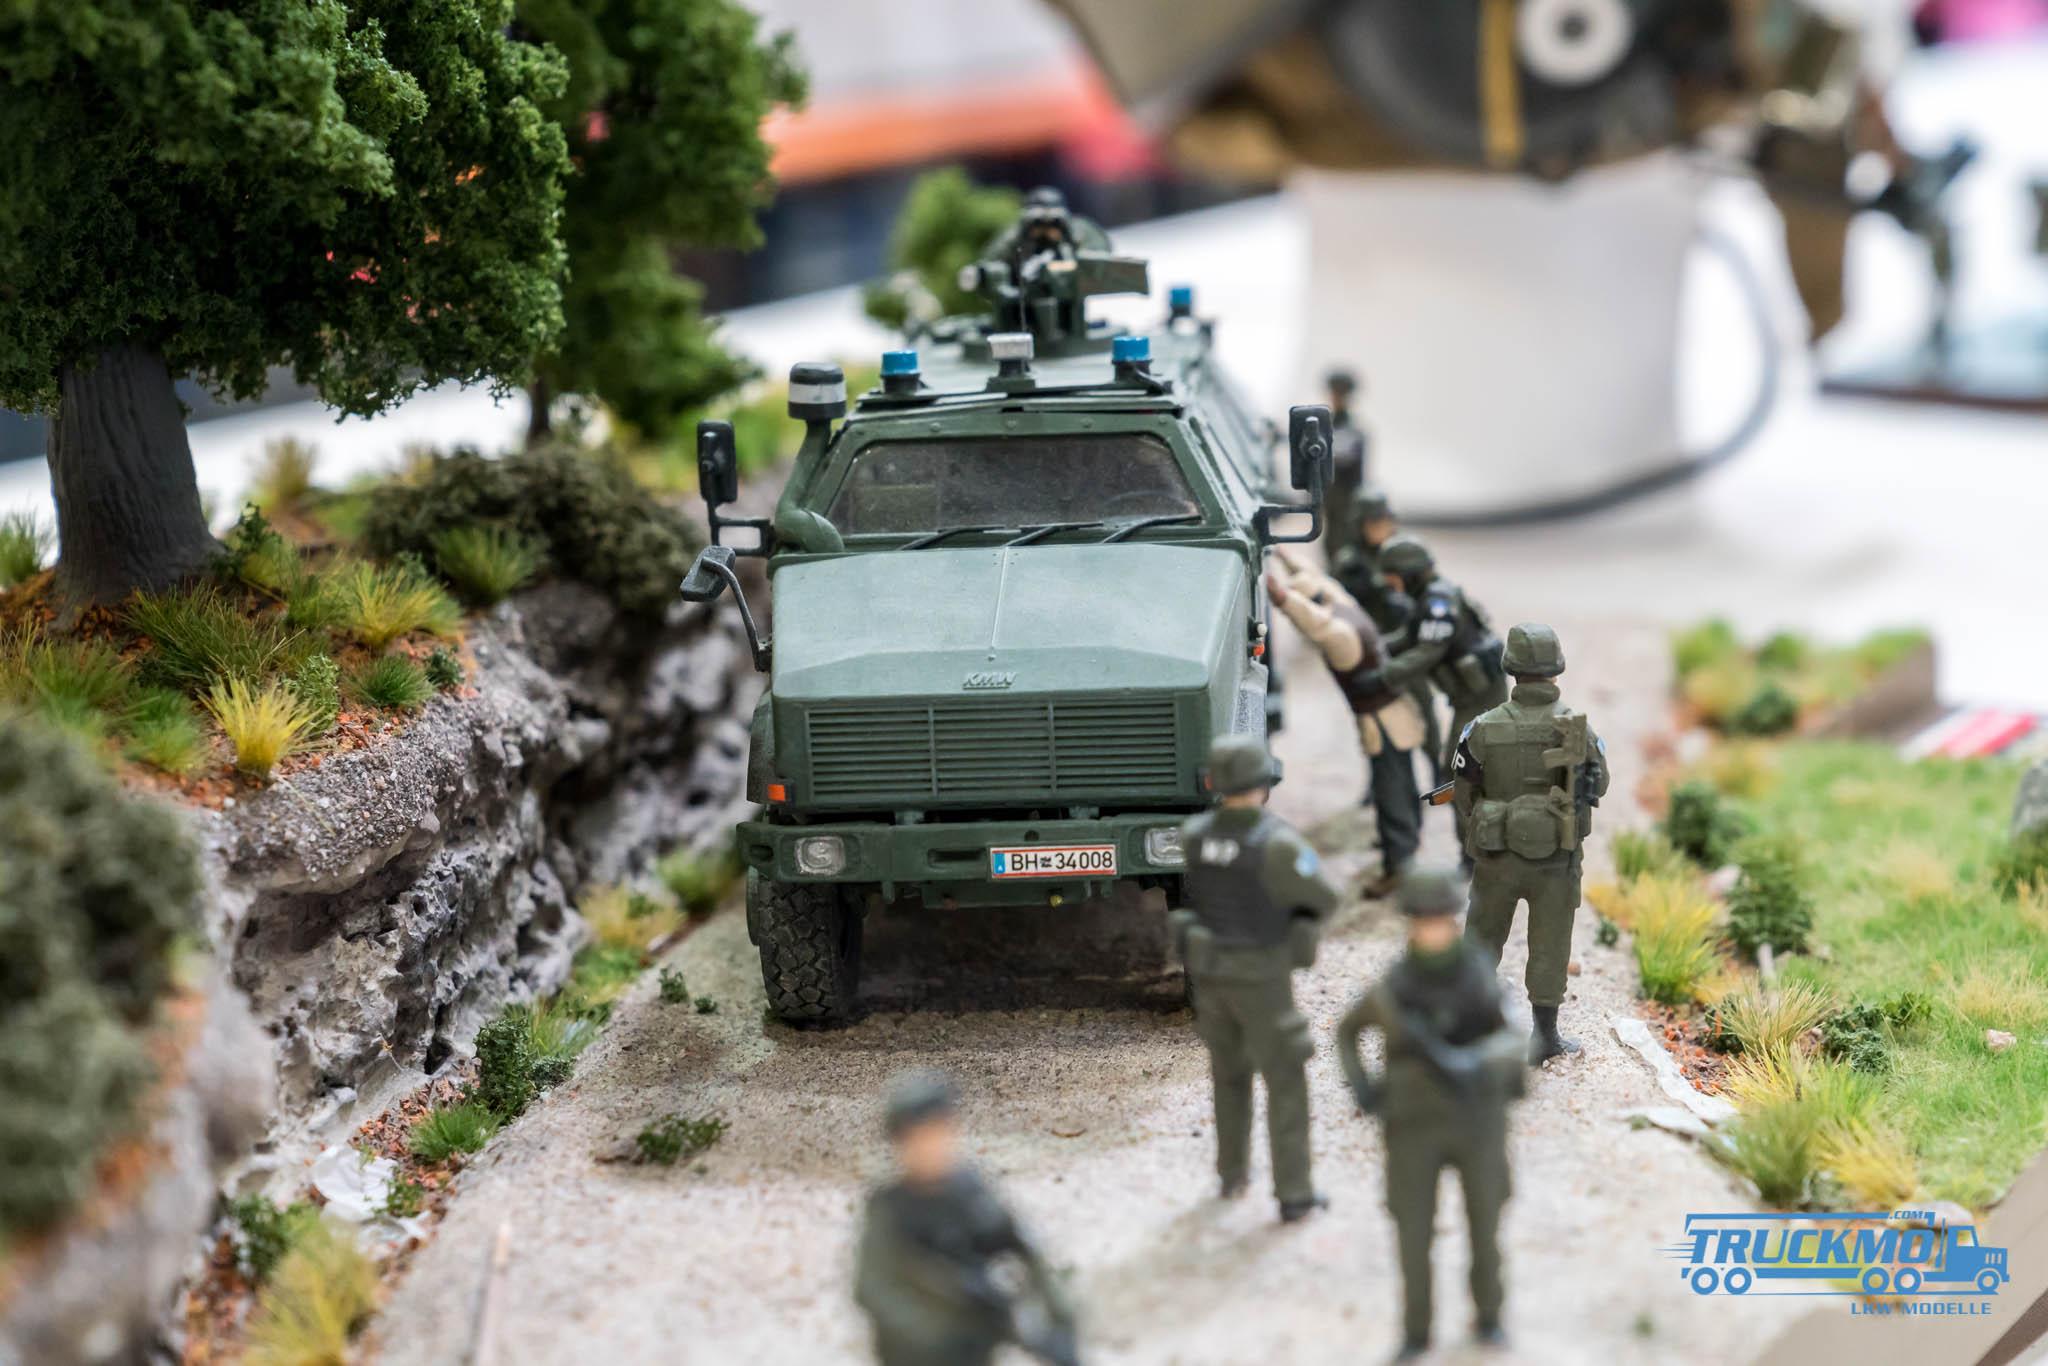 Truckmo_Modellbau_Ried_2017_Herpa_Messe_Modellbauausstellung (470 von 1177)